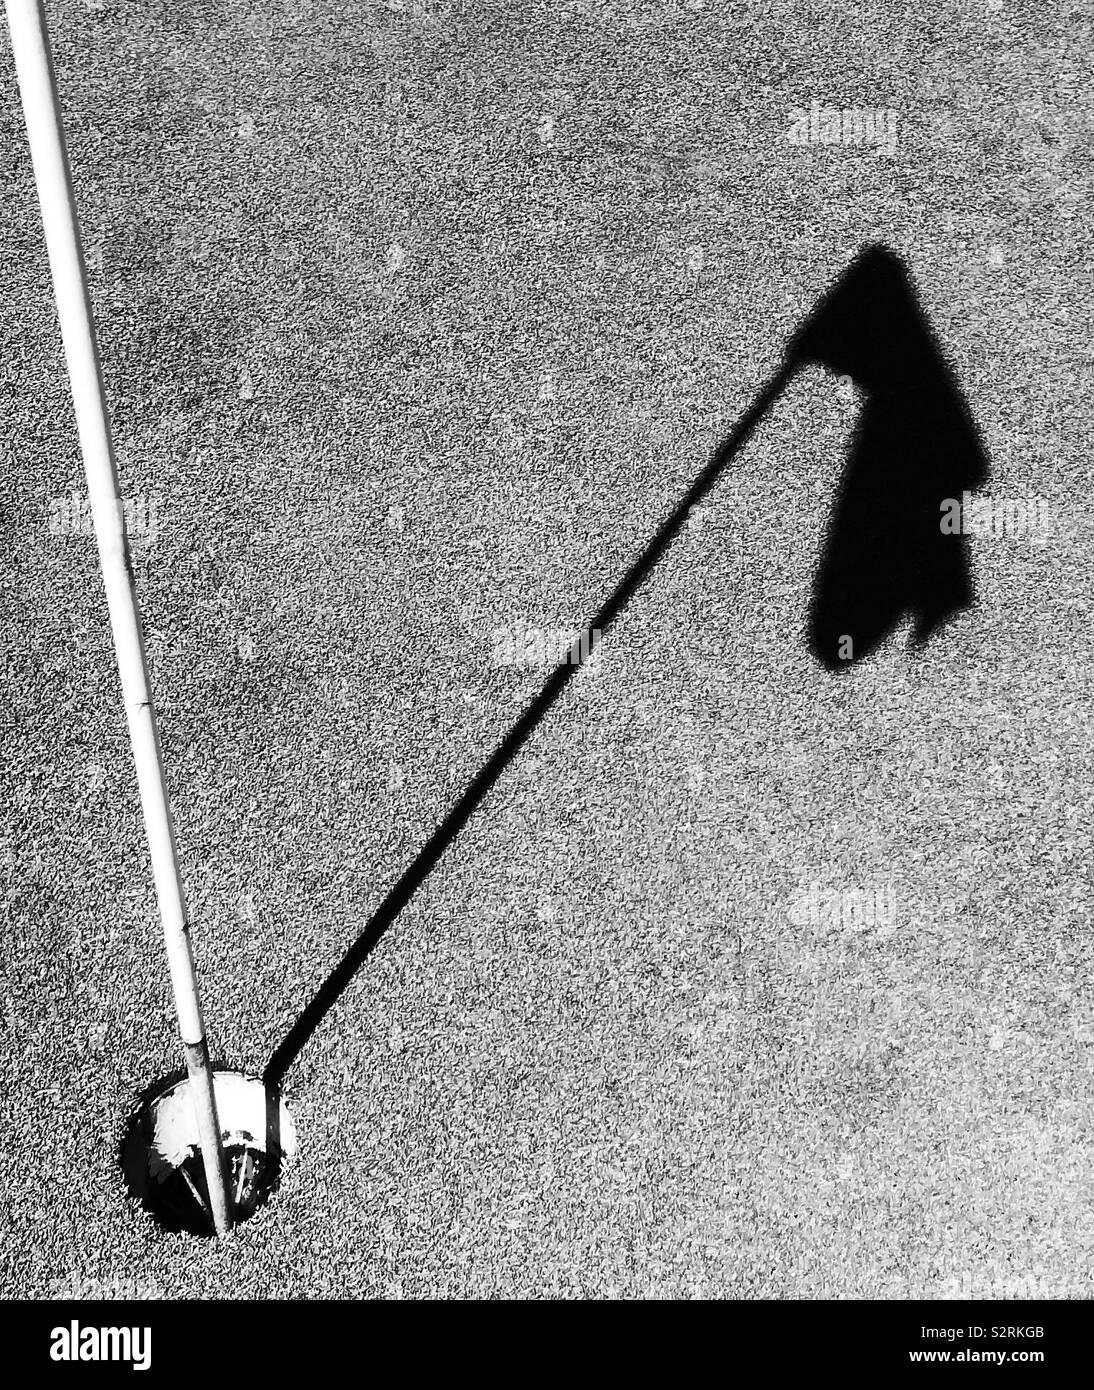 Noir et blanc ombre pin golf Banque D'Images